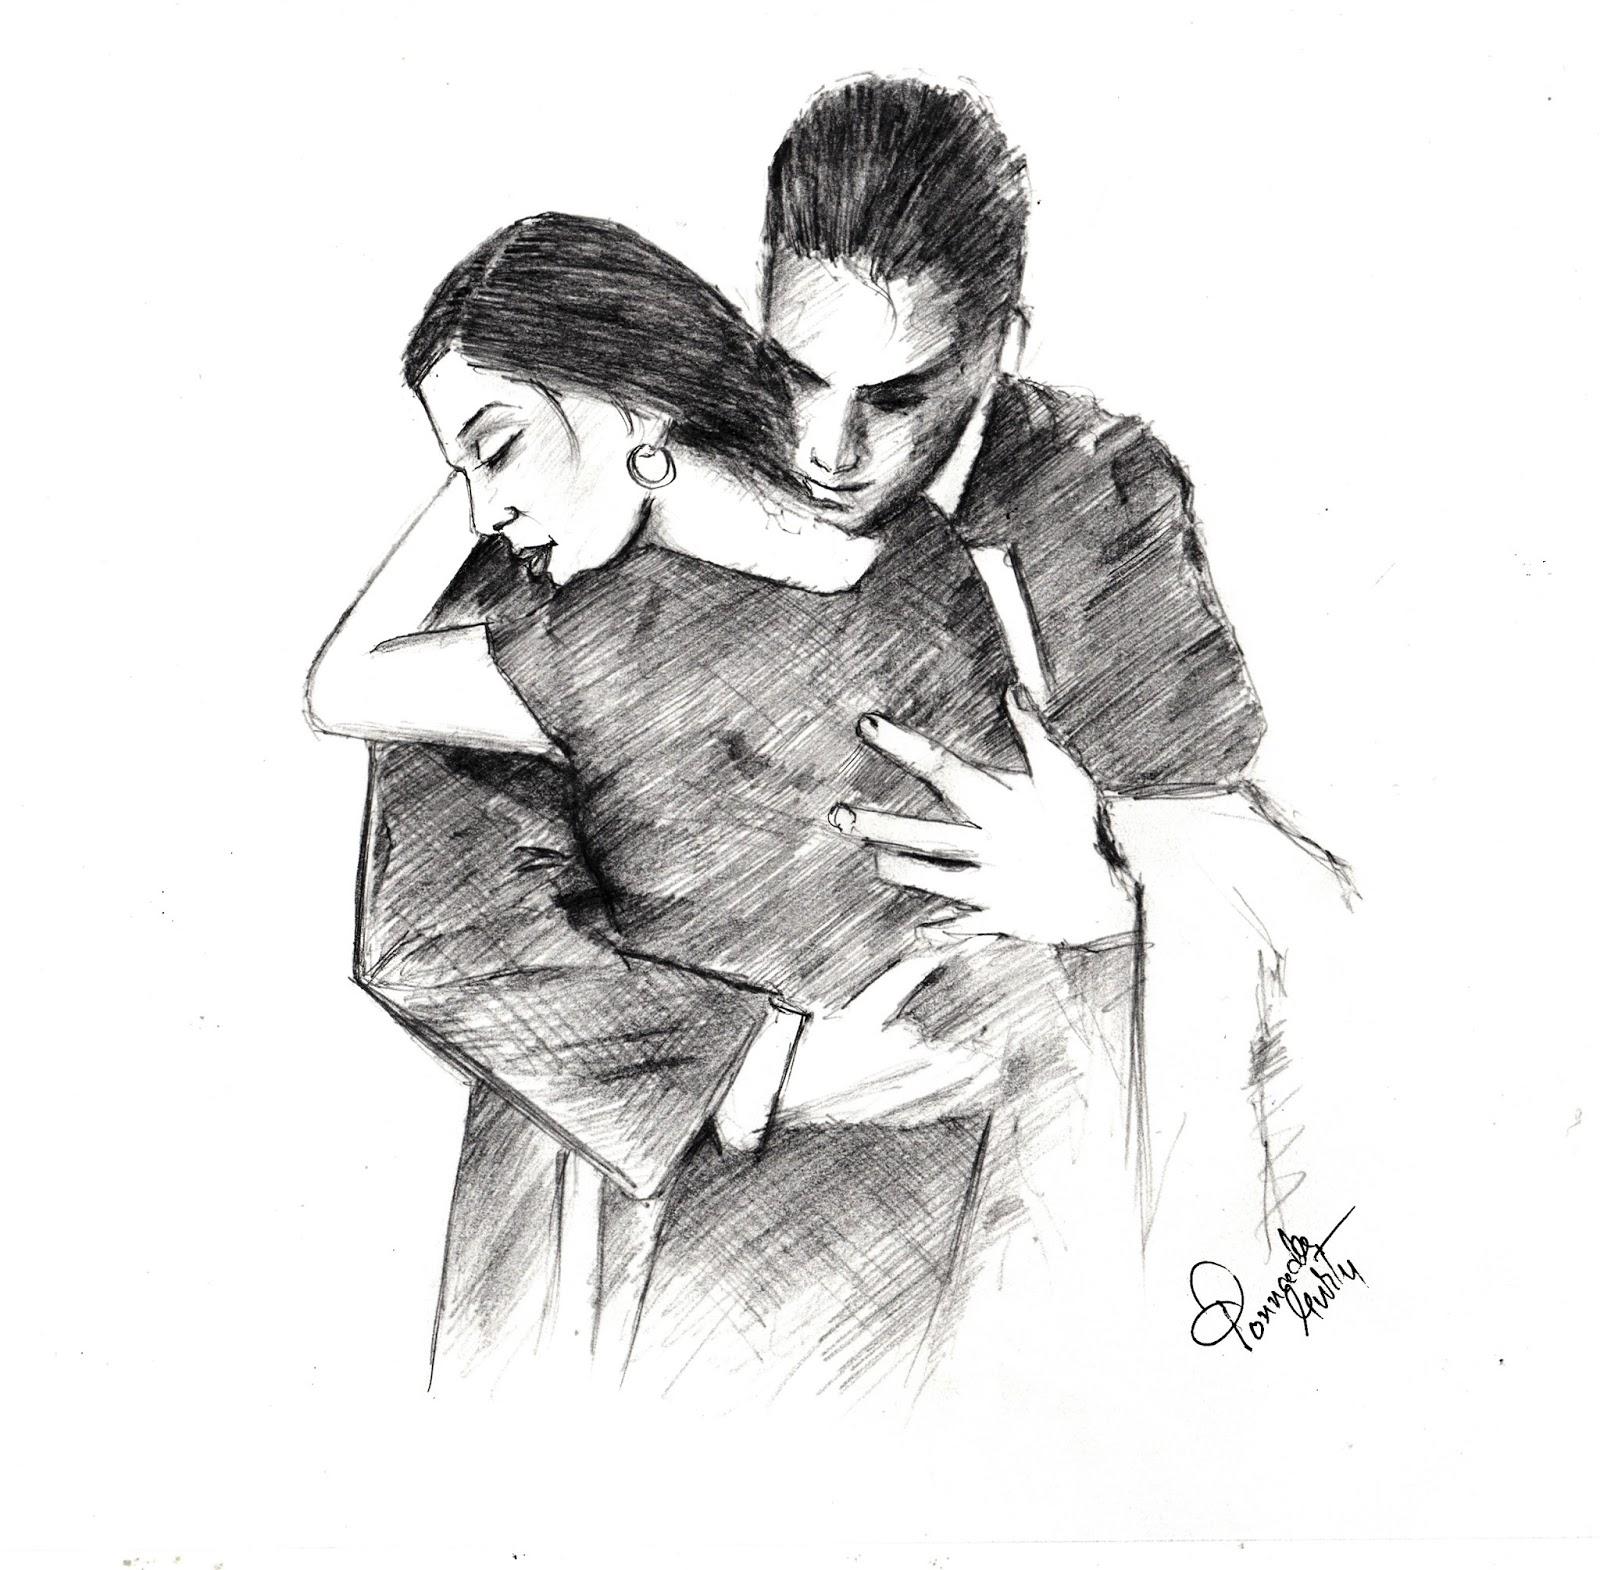 The hug pencil sketch